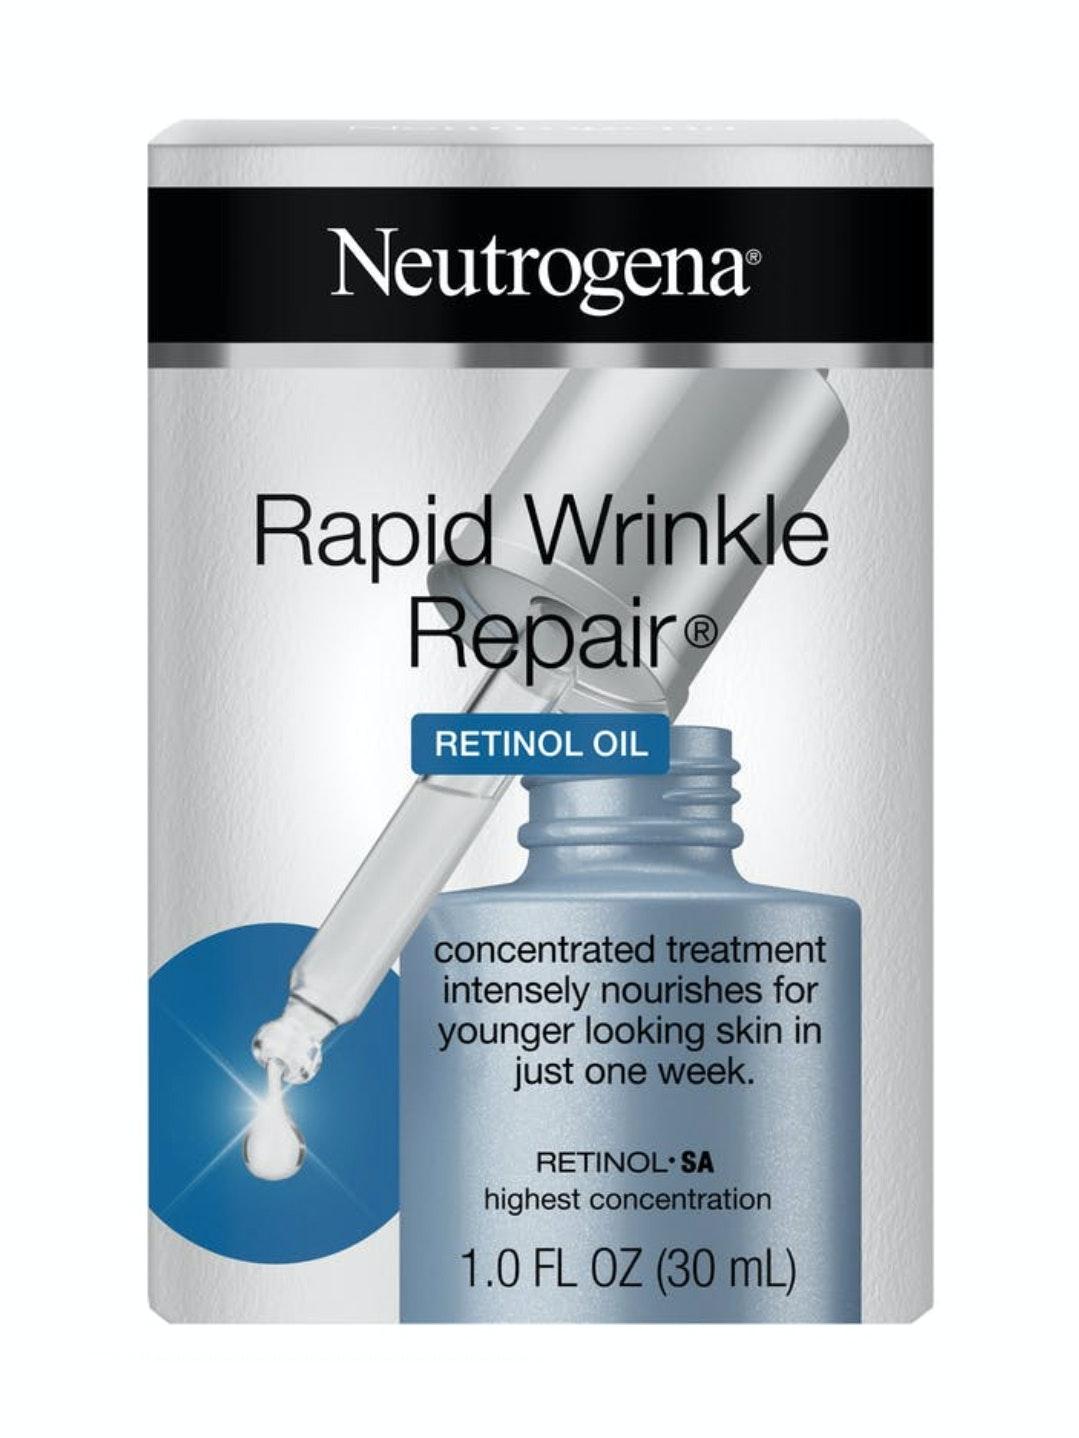 Neutrogena rapid wrinkle repair retinol oil review